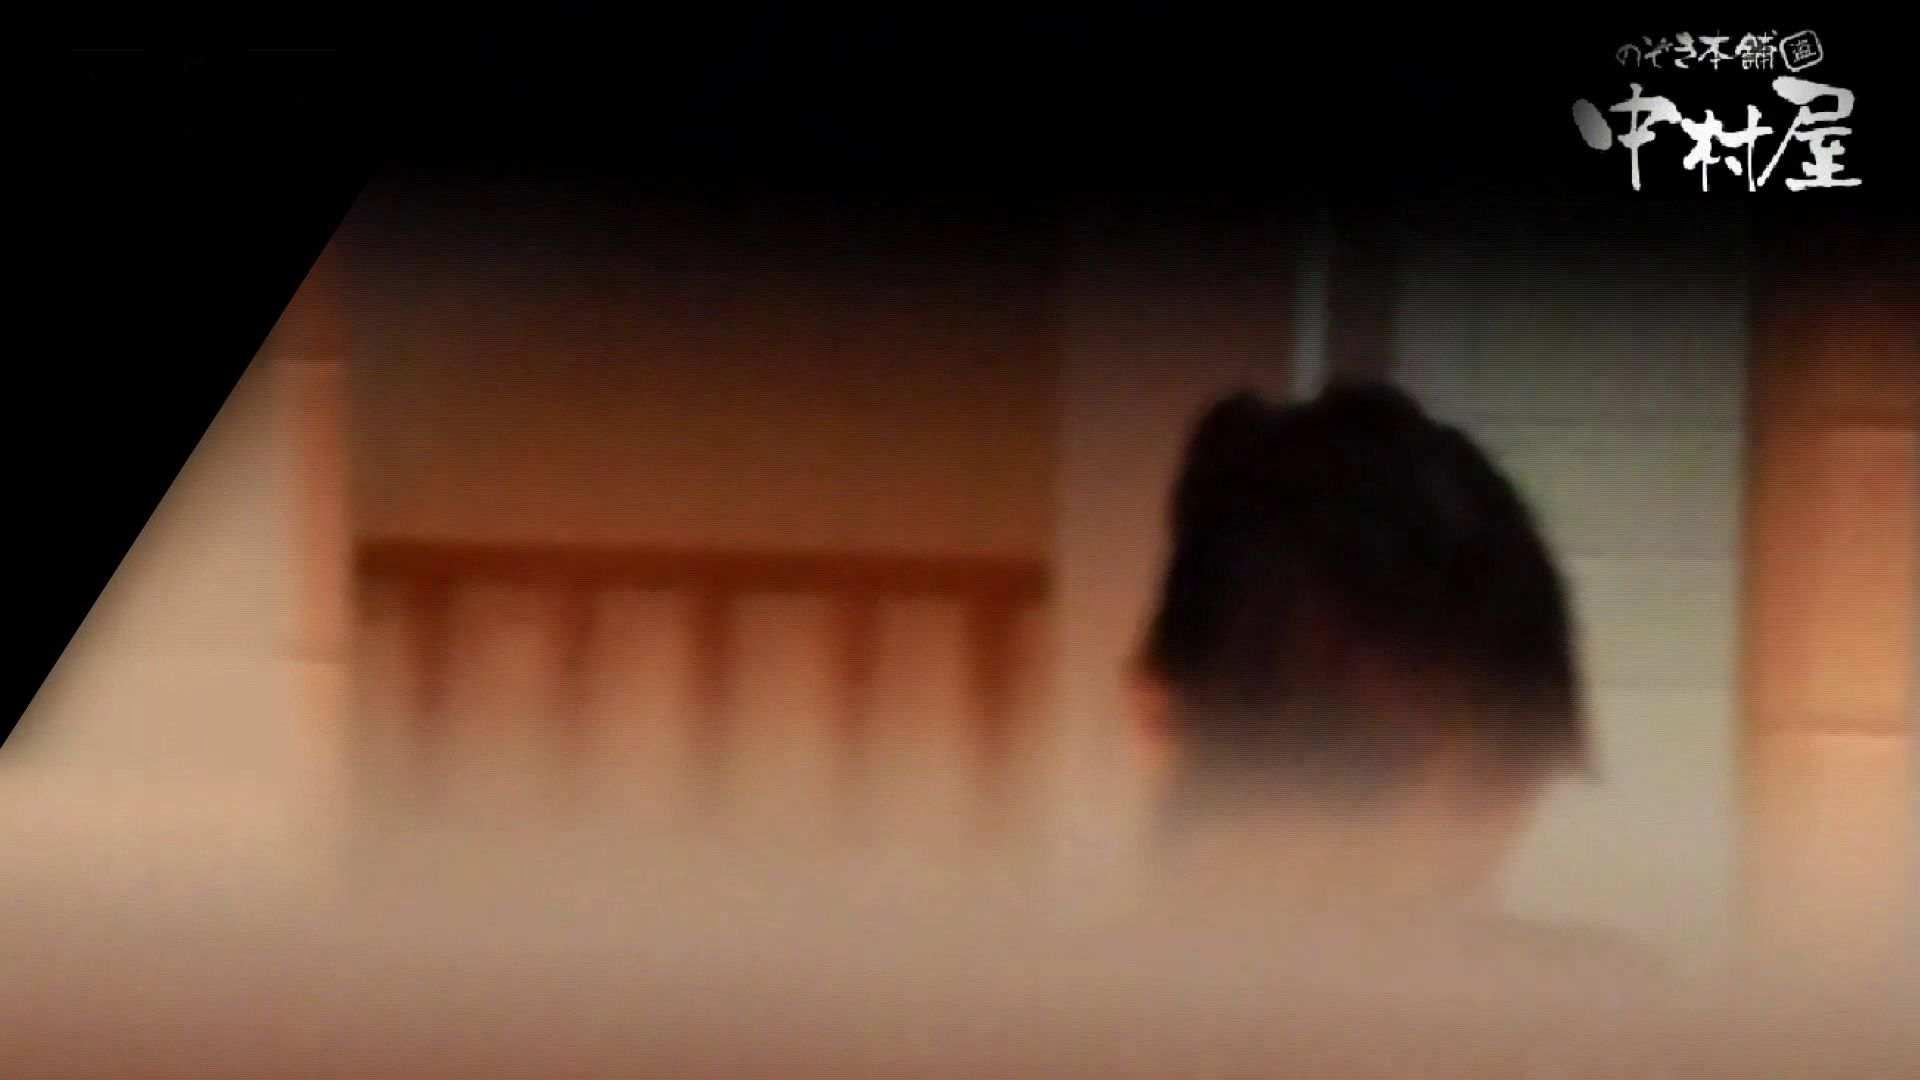 第三体育館潜入撮】第三体育館潜入撮File028 熟女特集!! アスリート アダルト動画キャプチャ 59PIX 10